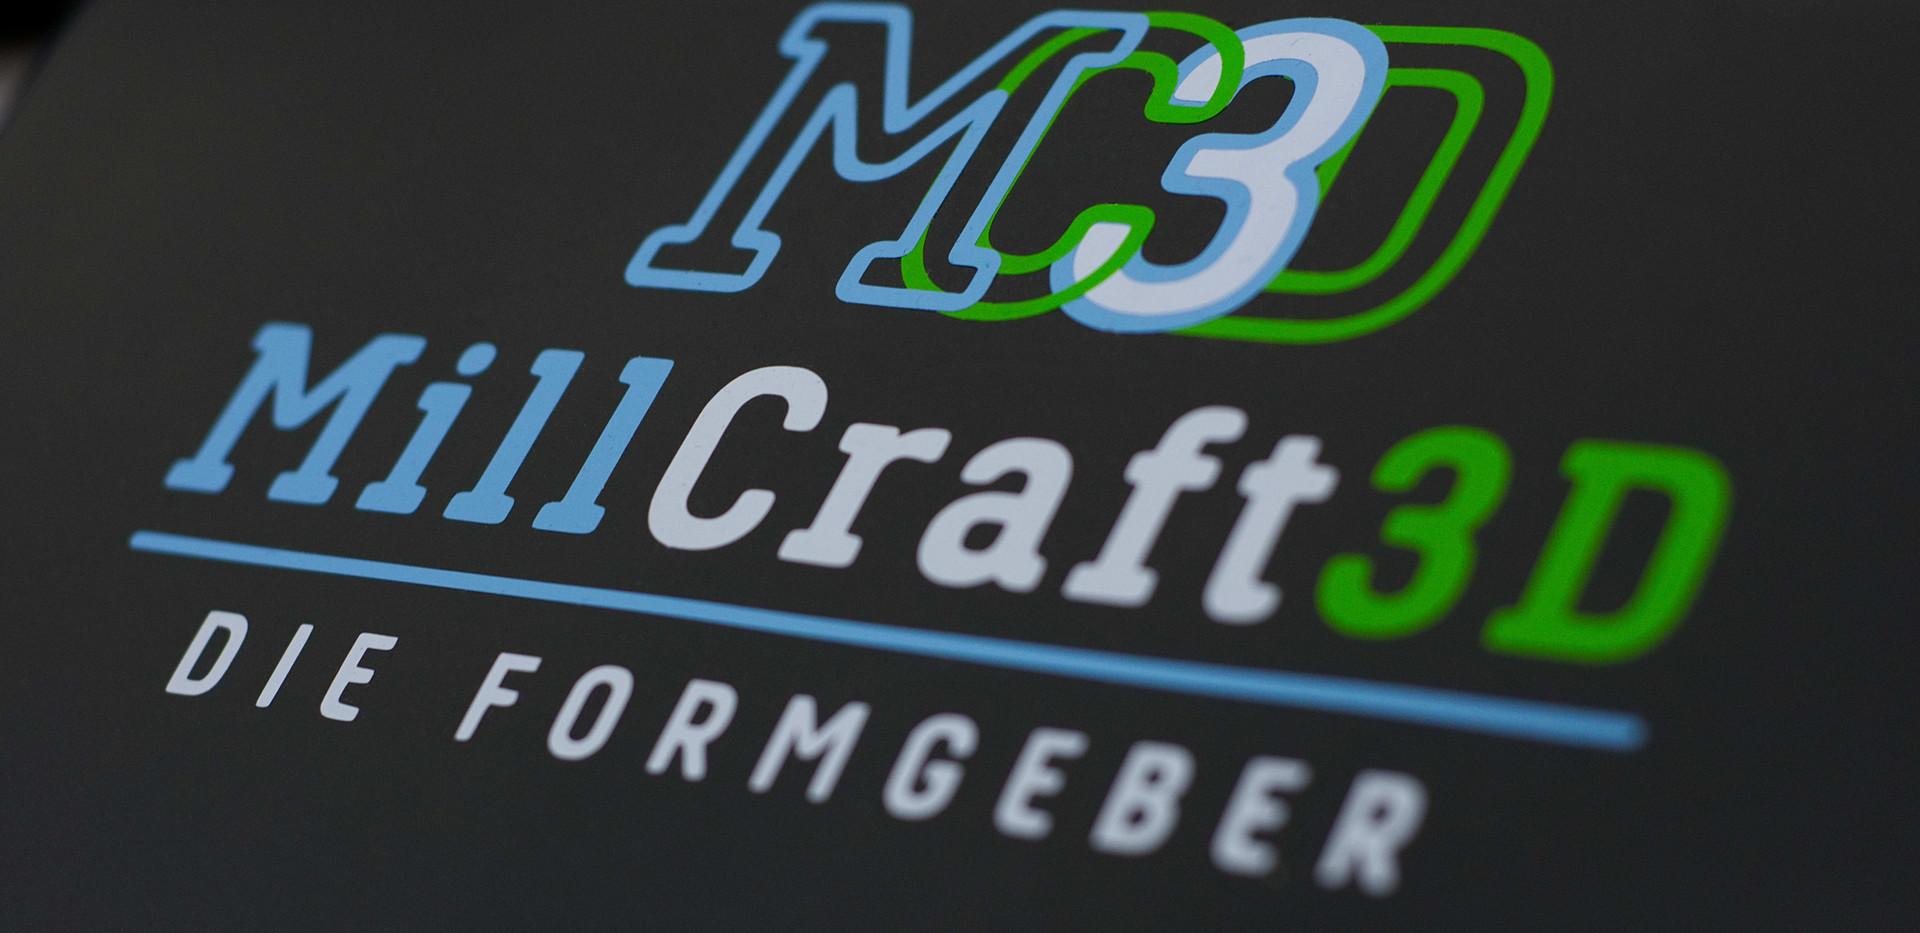 MillCraft3D